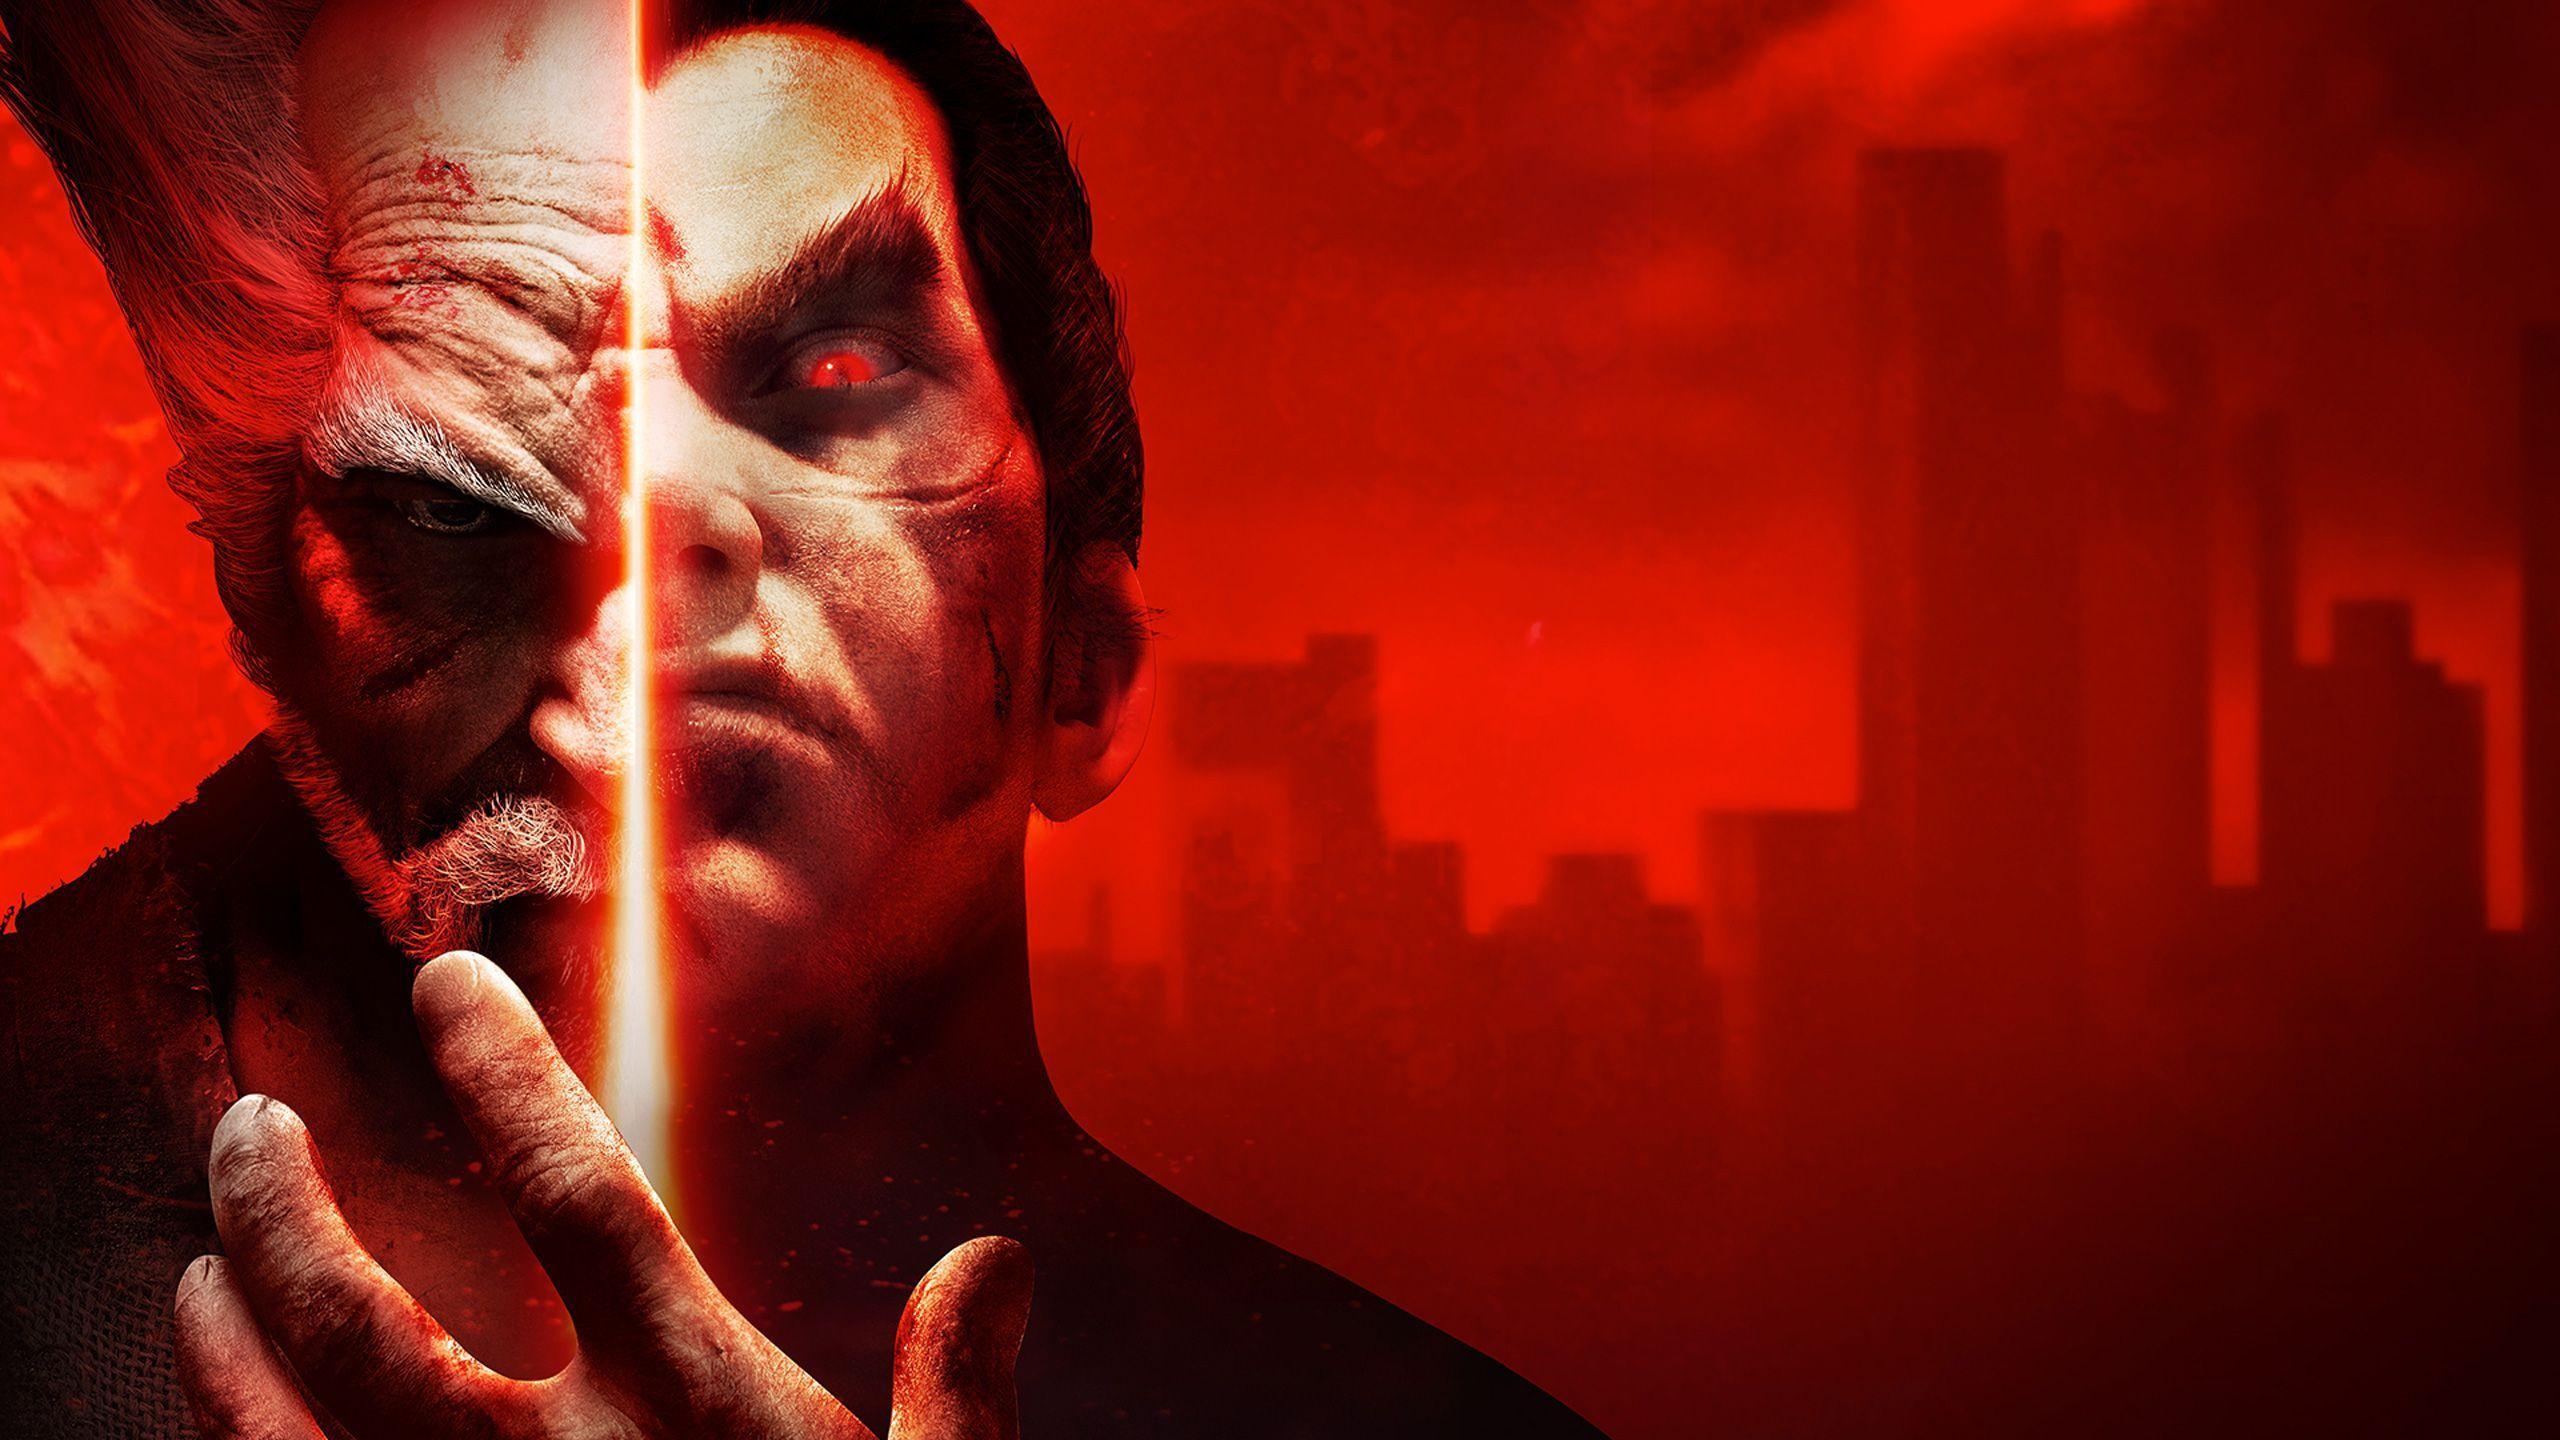 Tekken 7 Wallpapers Top Free Tekken 7 Backgrounds